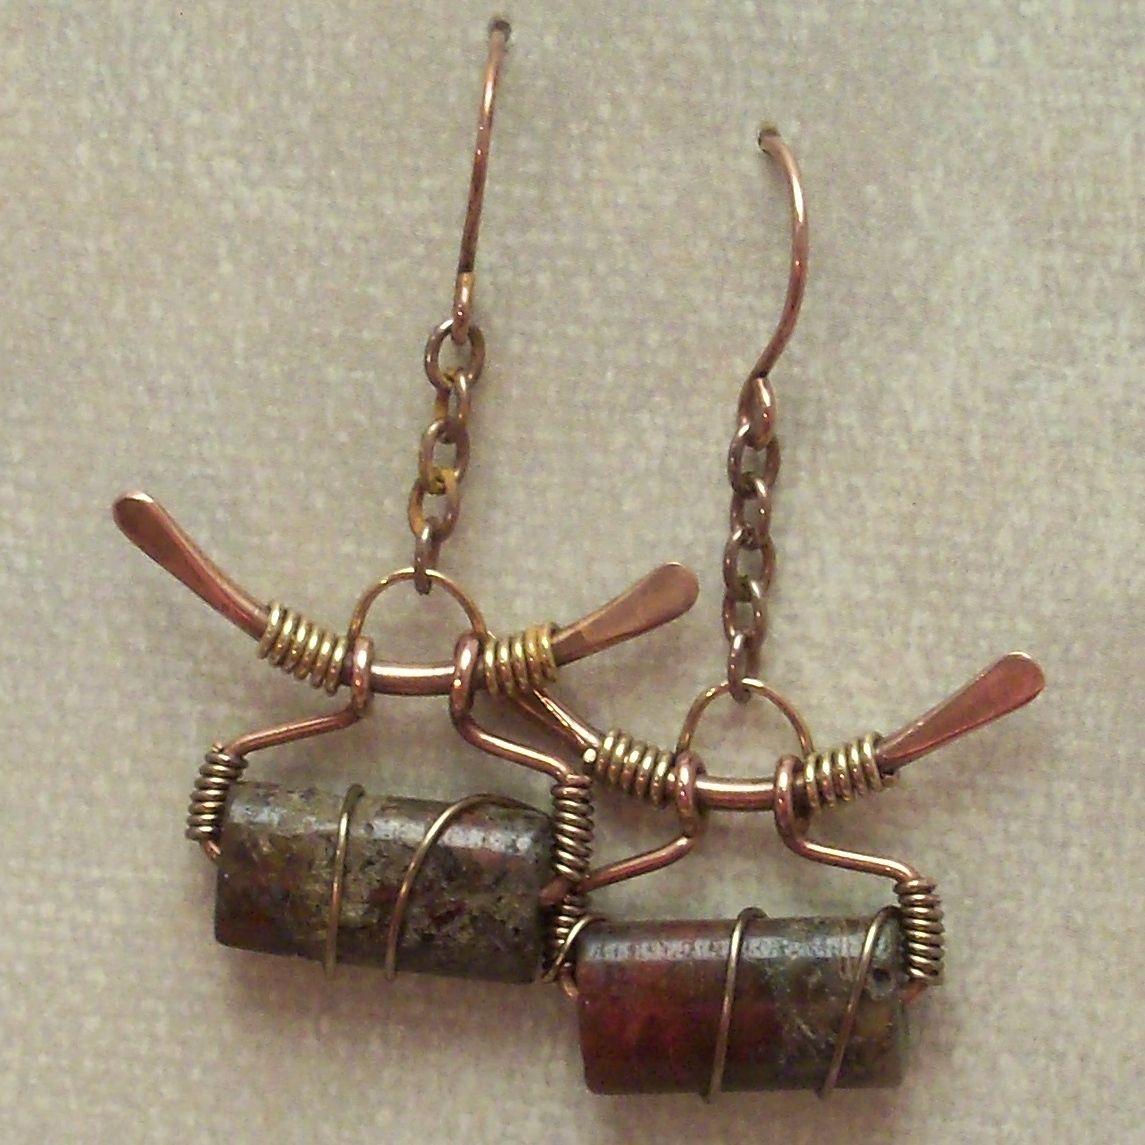 Handmade Wire Wrapped Earrings, Copper Wire Rustic Earring, Artisan ...